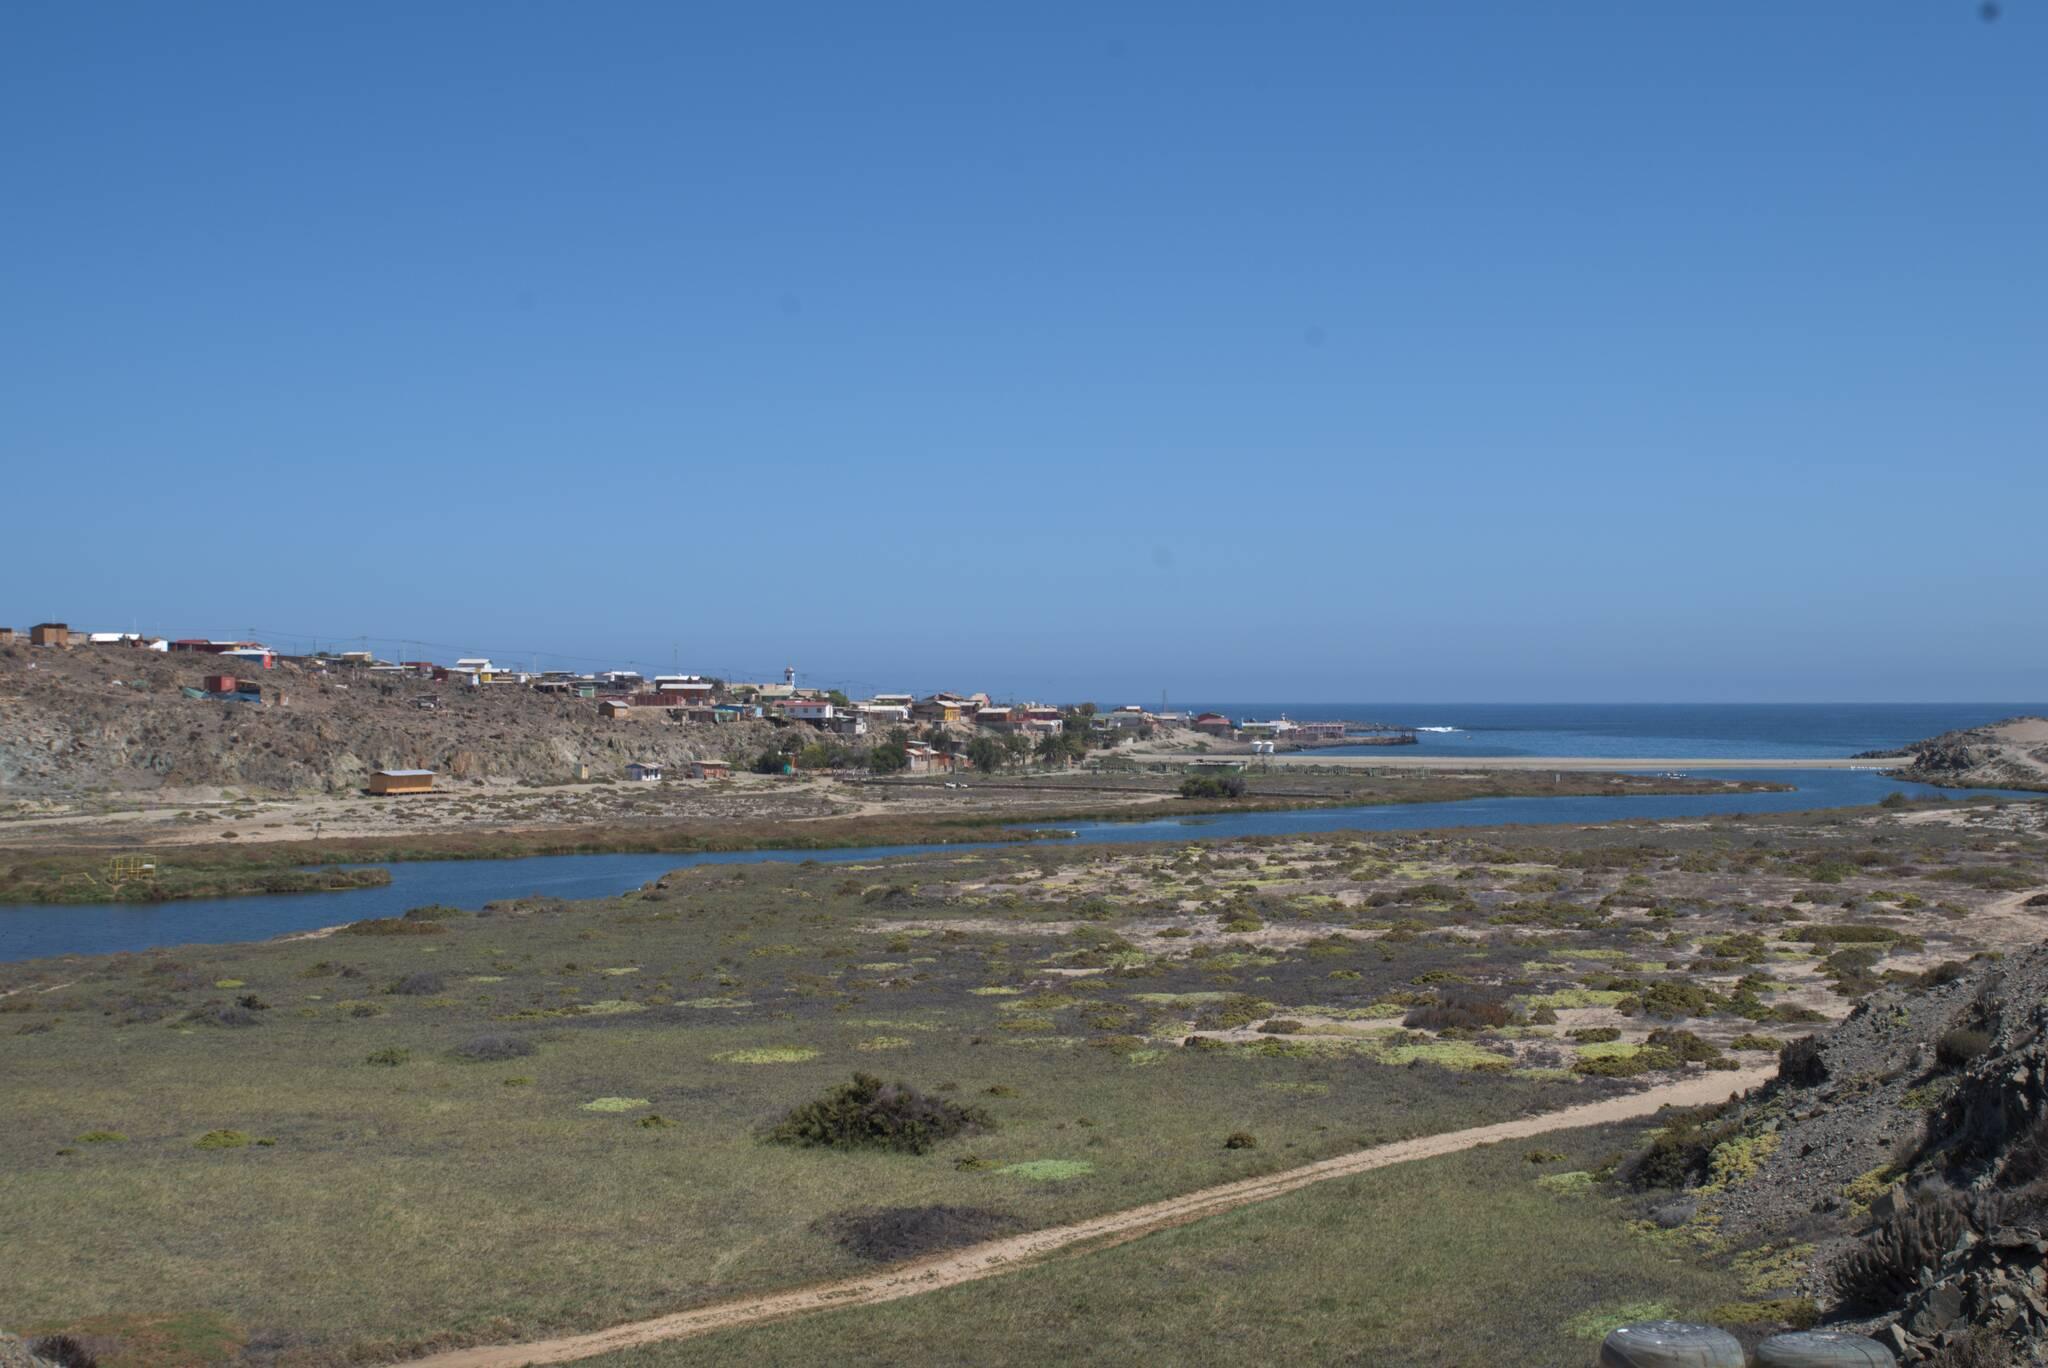 """Carrizal Bajo, niegdyś port eksportowy minerałów, dziś znacznie mniejsze miasteczko """"w połowie drogi"""""""